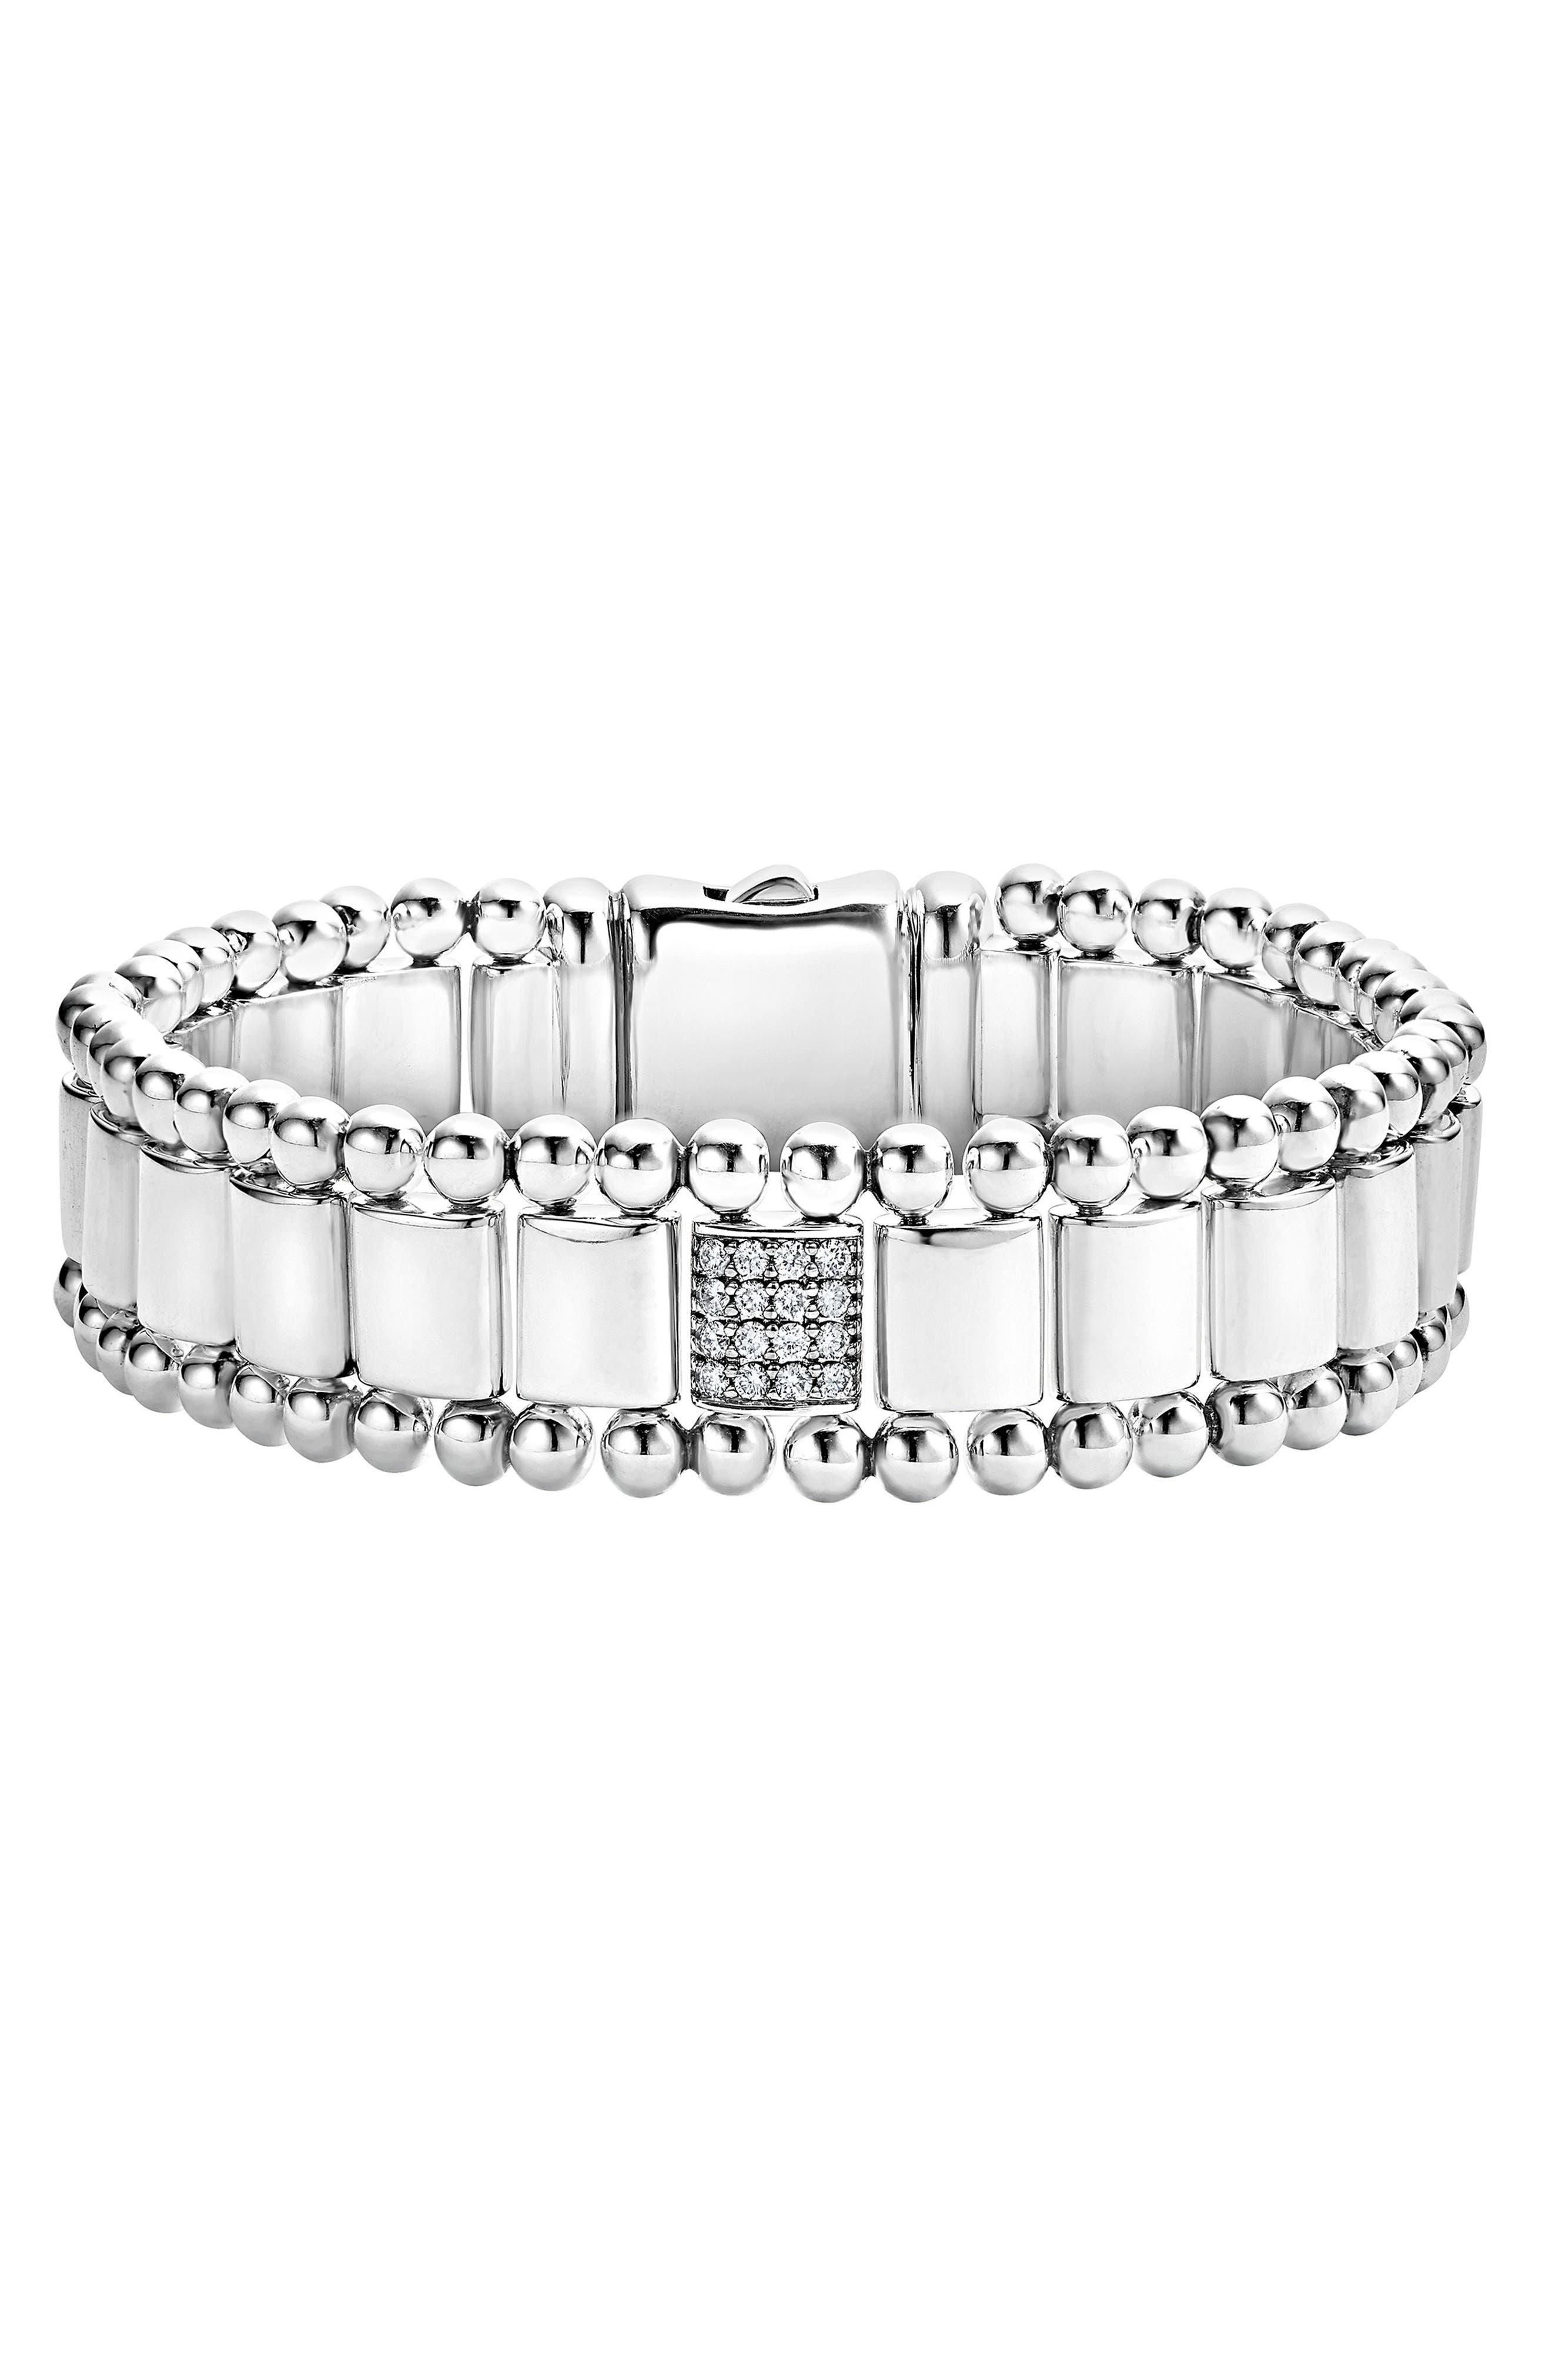 Caviar Spark Pavé Diamond Link Bracelet,                         Main,                         color, SILVER/ DIAMOND